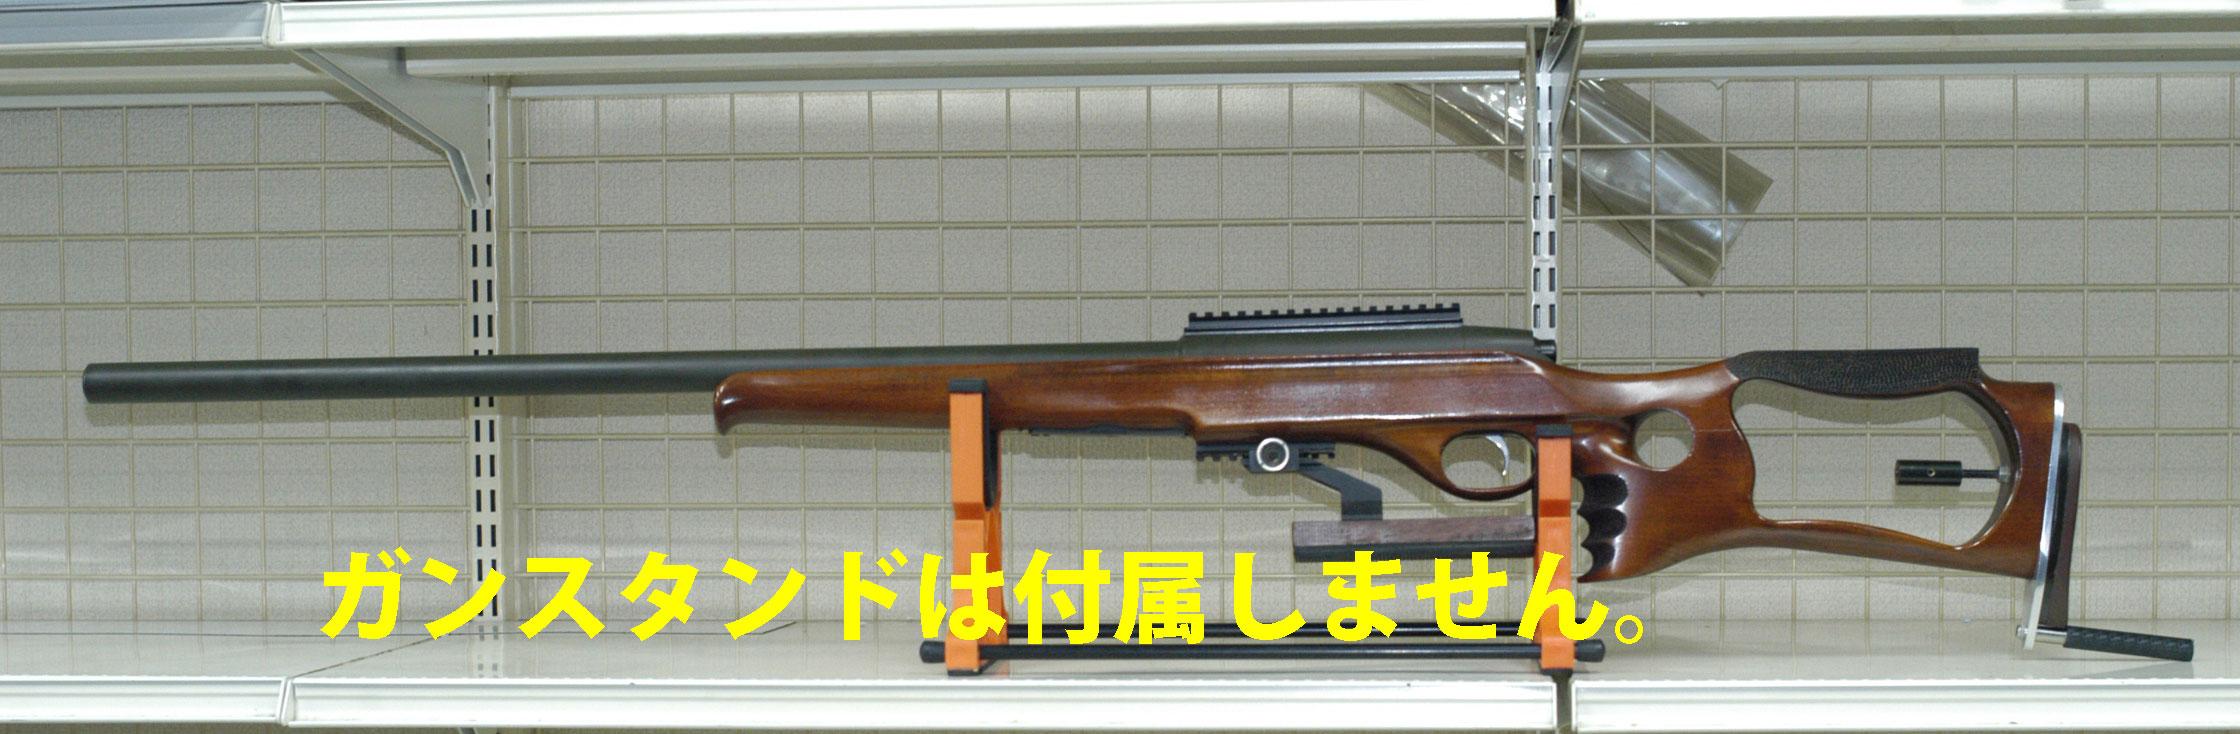 APS-2OR